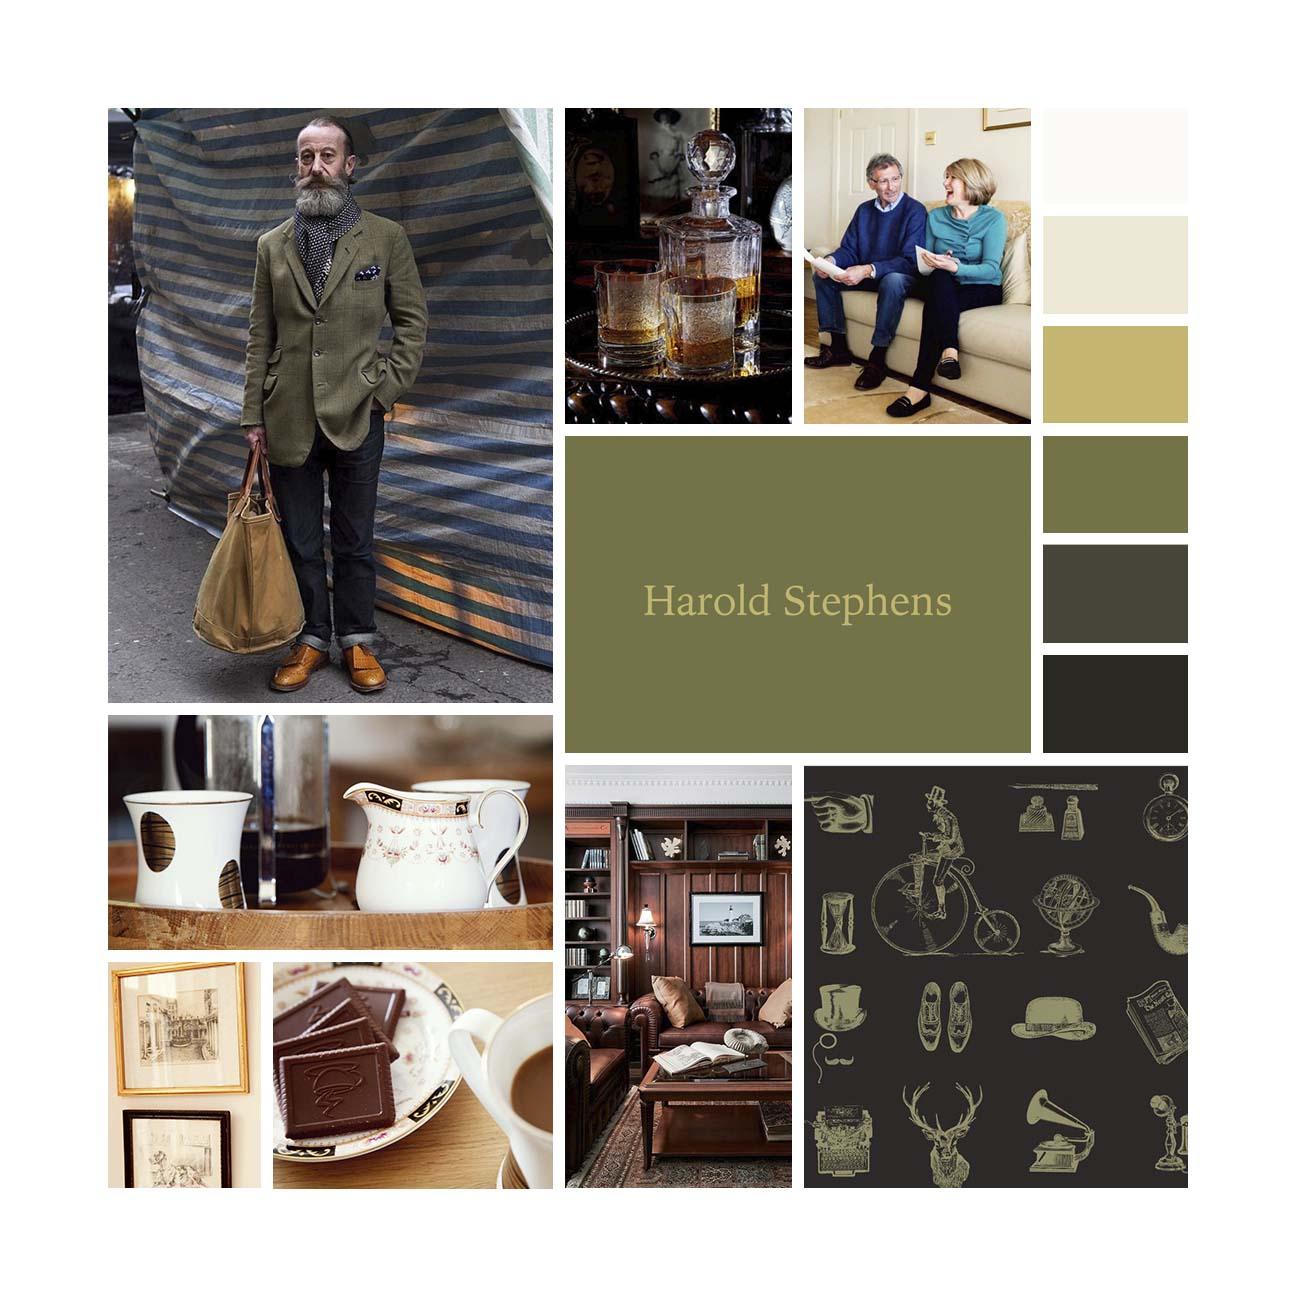 Harold_Stephens-moodboard.jpg